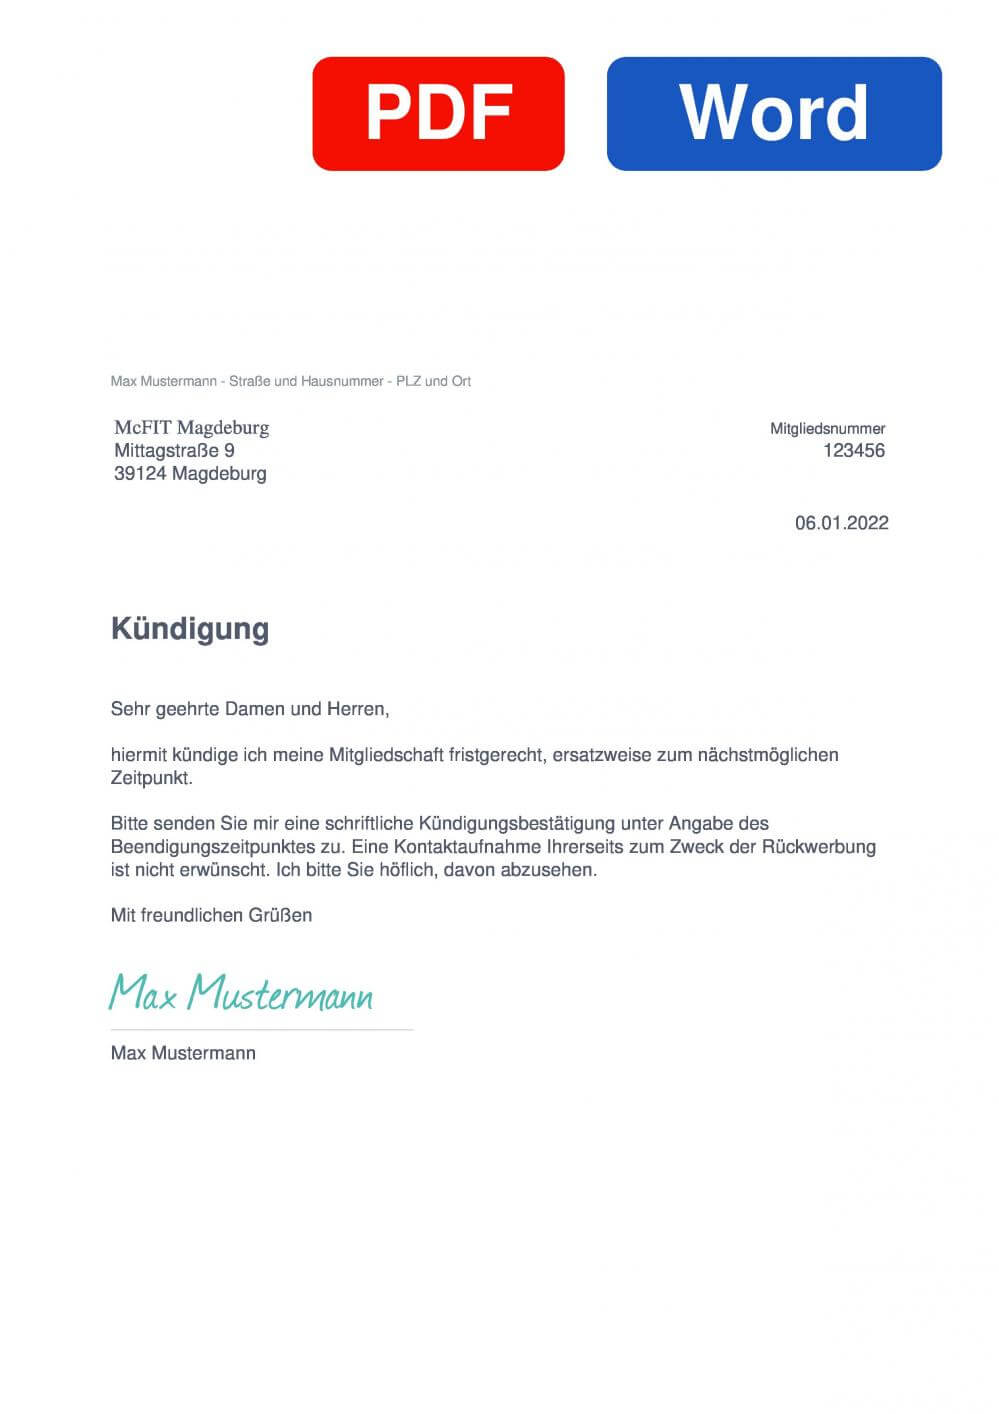 McFIT Magdeburg Muster Vorlage für Kündigungsschreiben